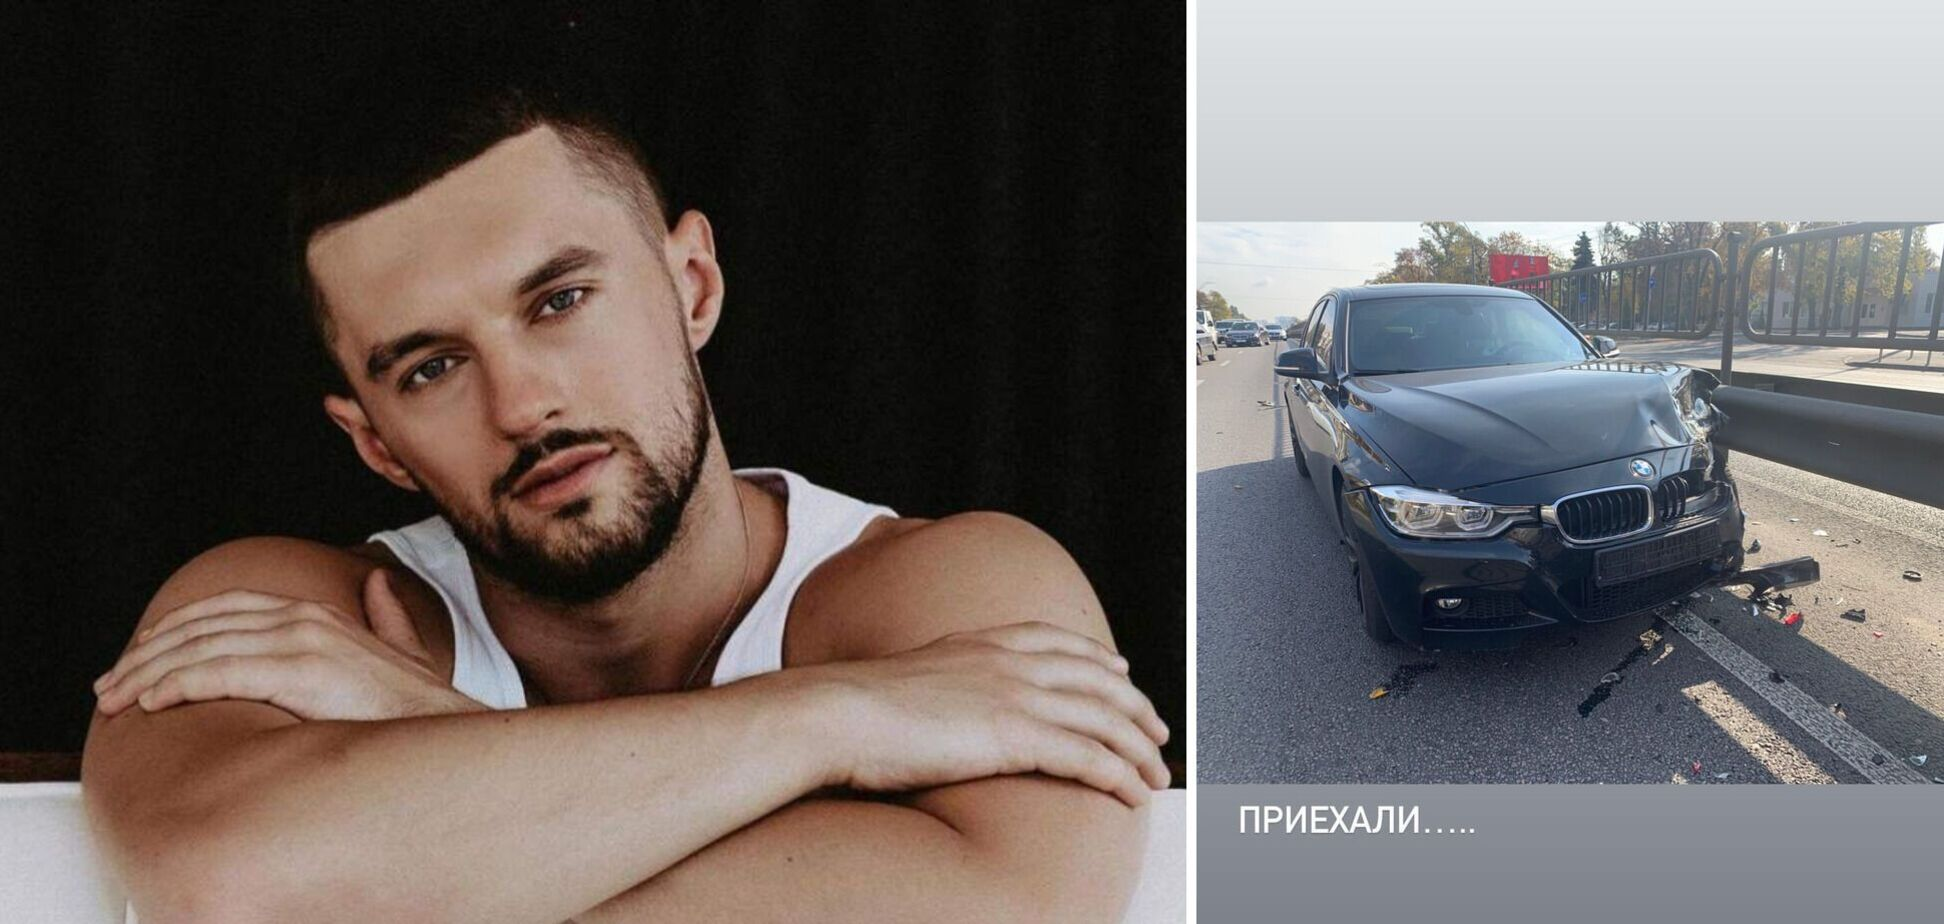 Макс Леонов розповів, як потрапив у ДТП